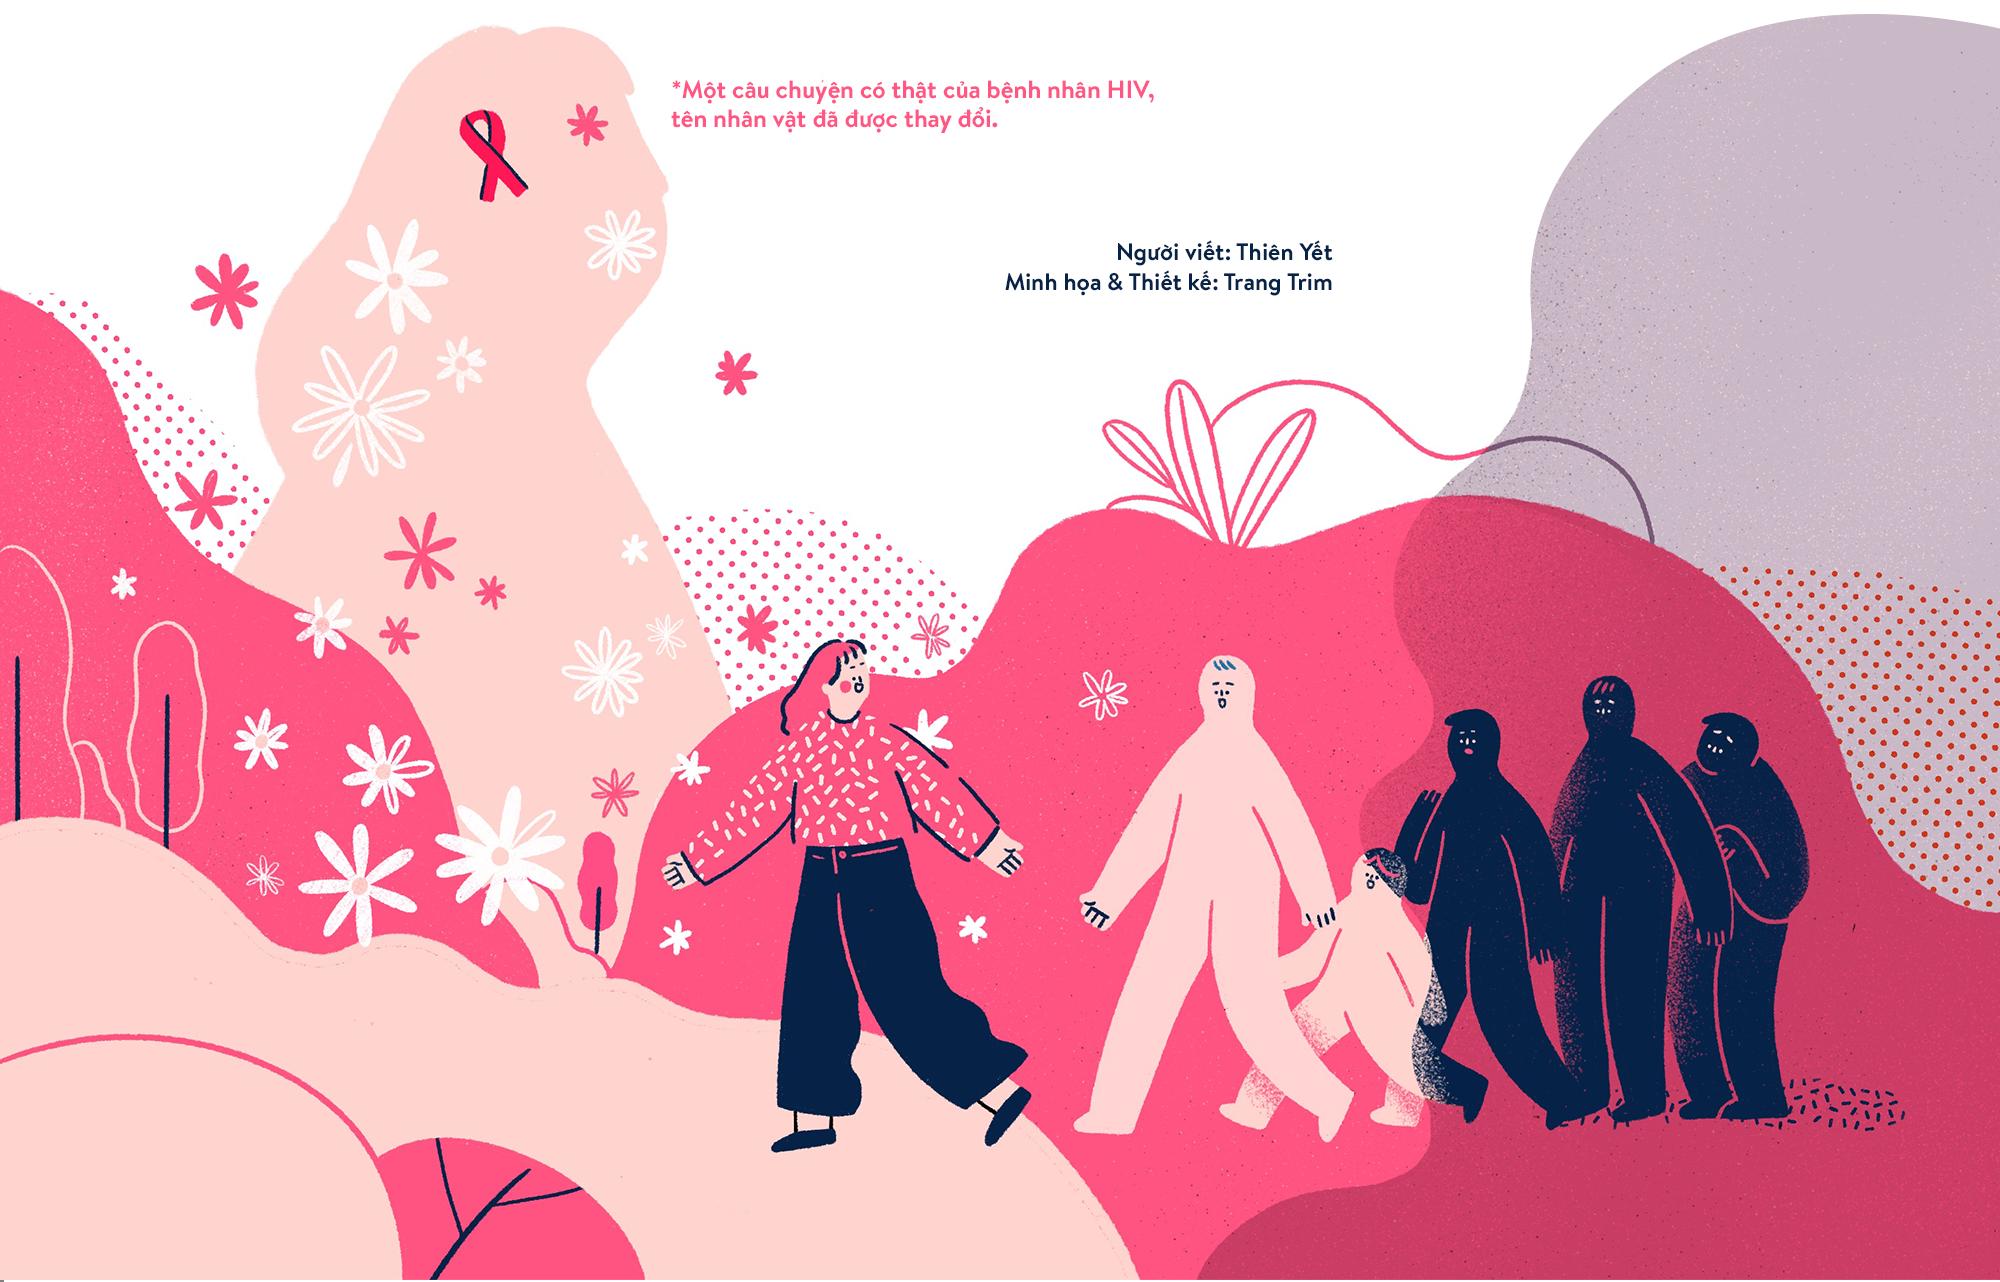 Từ vực thẳm tuyệt vọng đến cuộc hồi sinh ngoạn mục và cuộc tình đẹp như mơ với chồng trẻ kém 10 tuổi của người phụ nữ 12 năm chung sống với HIV - Ảnh 15.